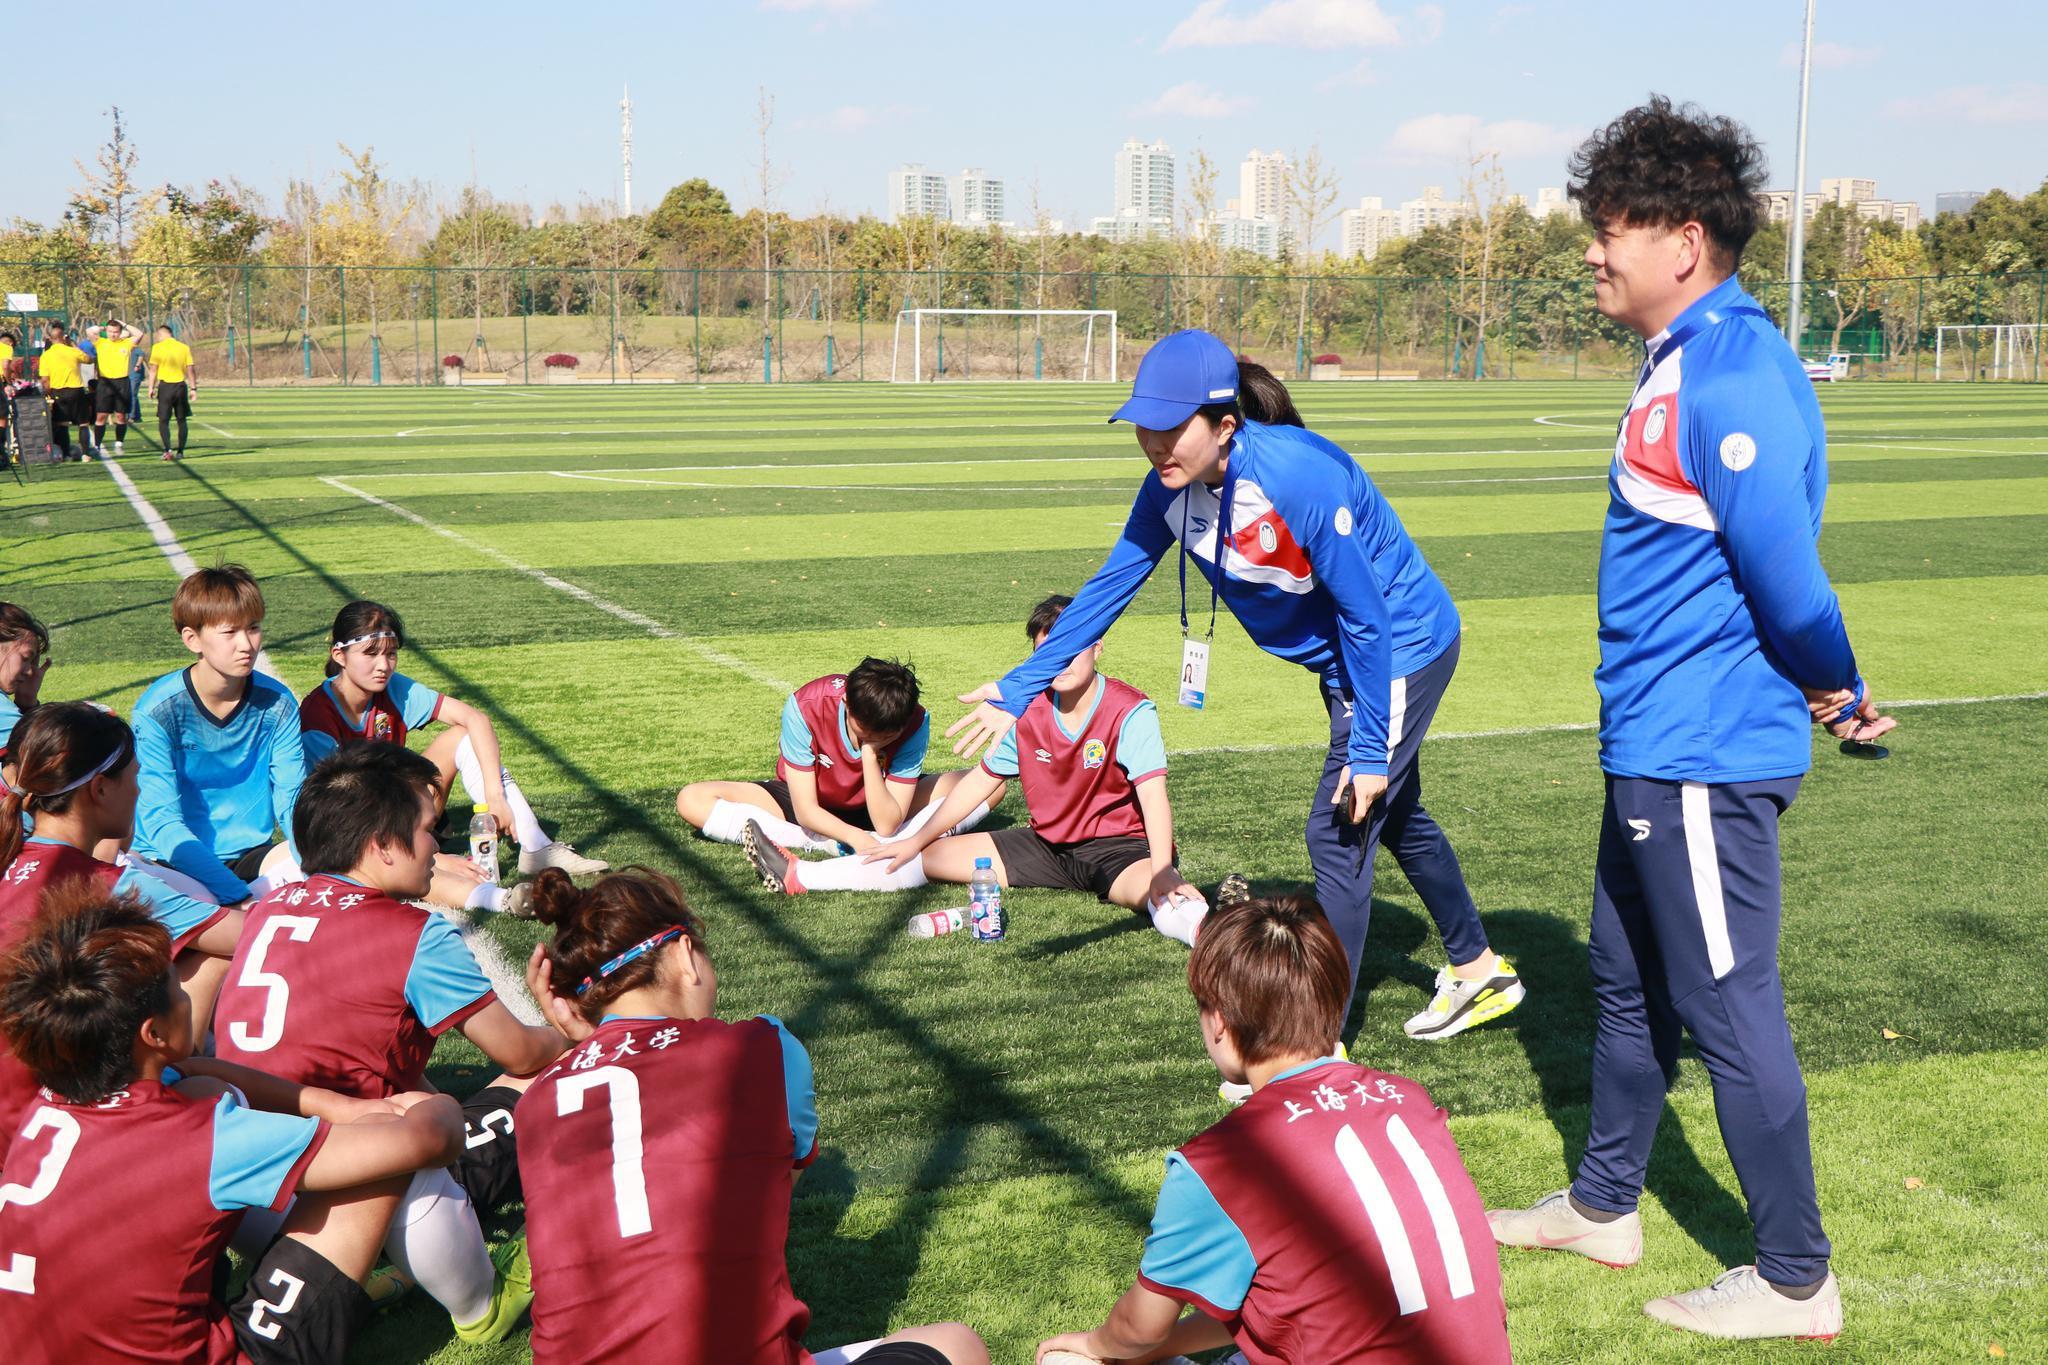 浦玮指导大学球员。